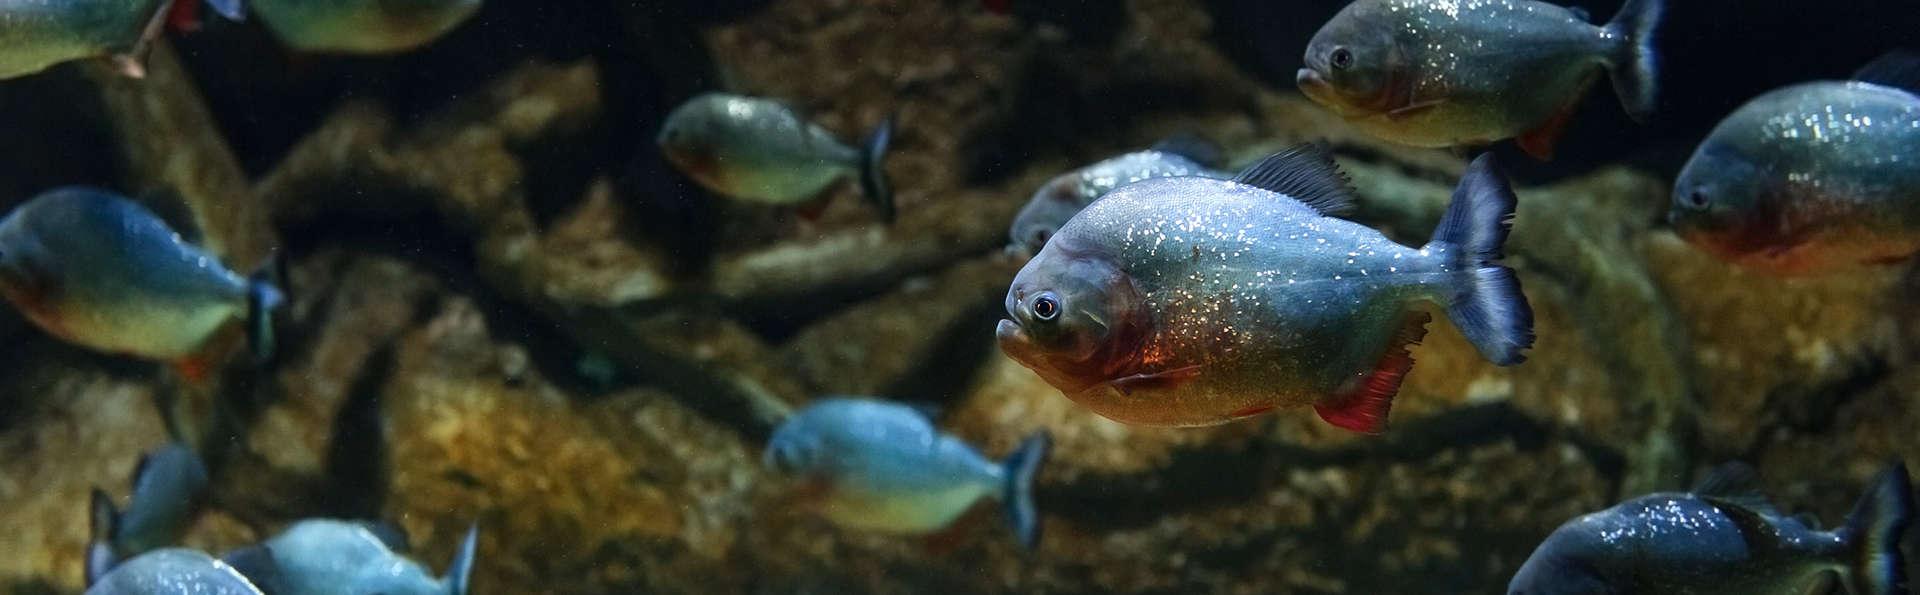 Masque et tuba entre les poissons tropicaux avec toute la famille (à partir de 2 nuits)